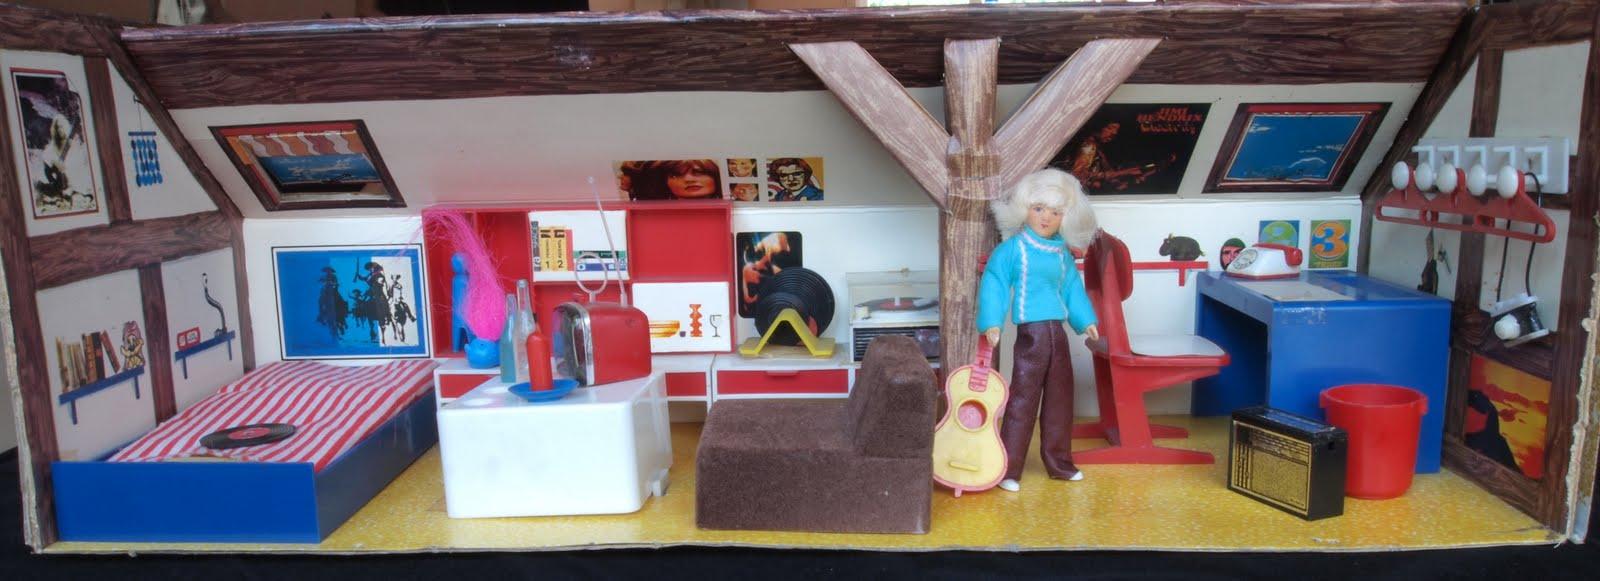 In Den 60ern Und 70ern Entstand Ein Neuer Zimmertyp: Das Jugendzimmer    Hier Auch Aufs Puppenhaus übertragen. Dieses Jugendzimmer Ist Unter Dem Dach .